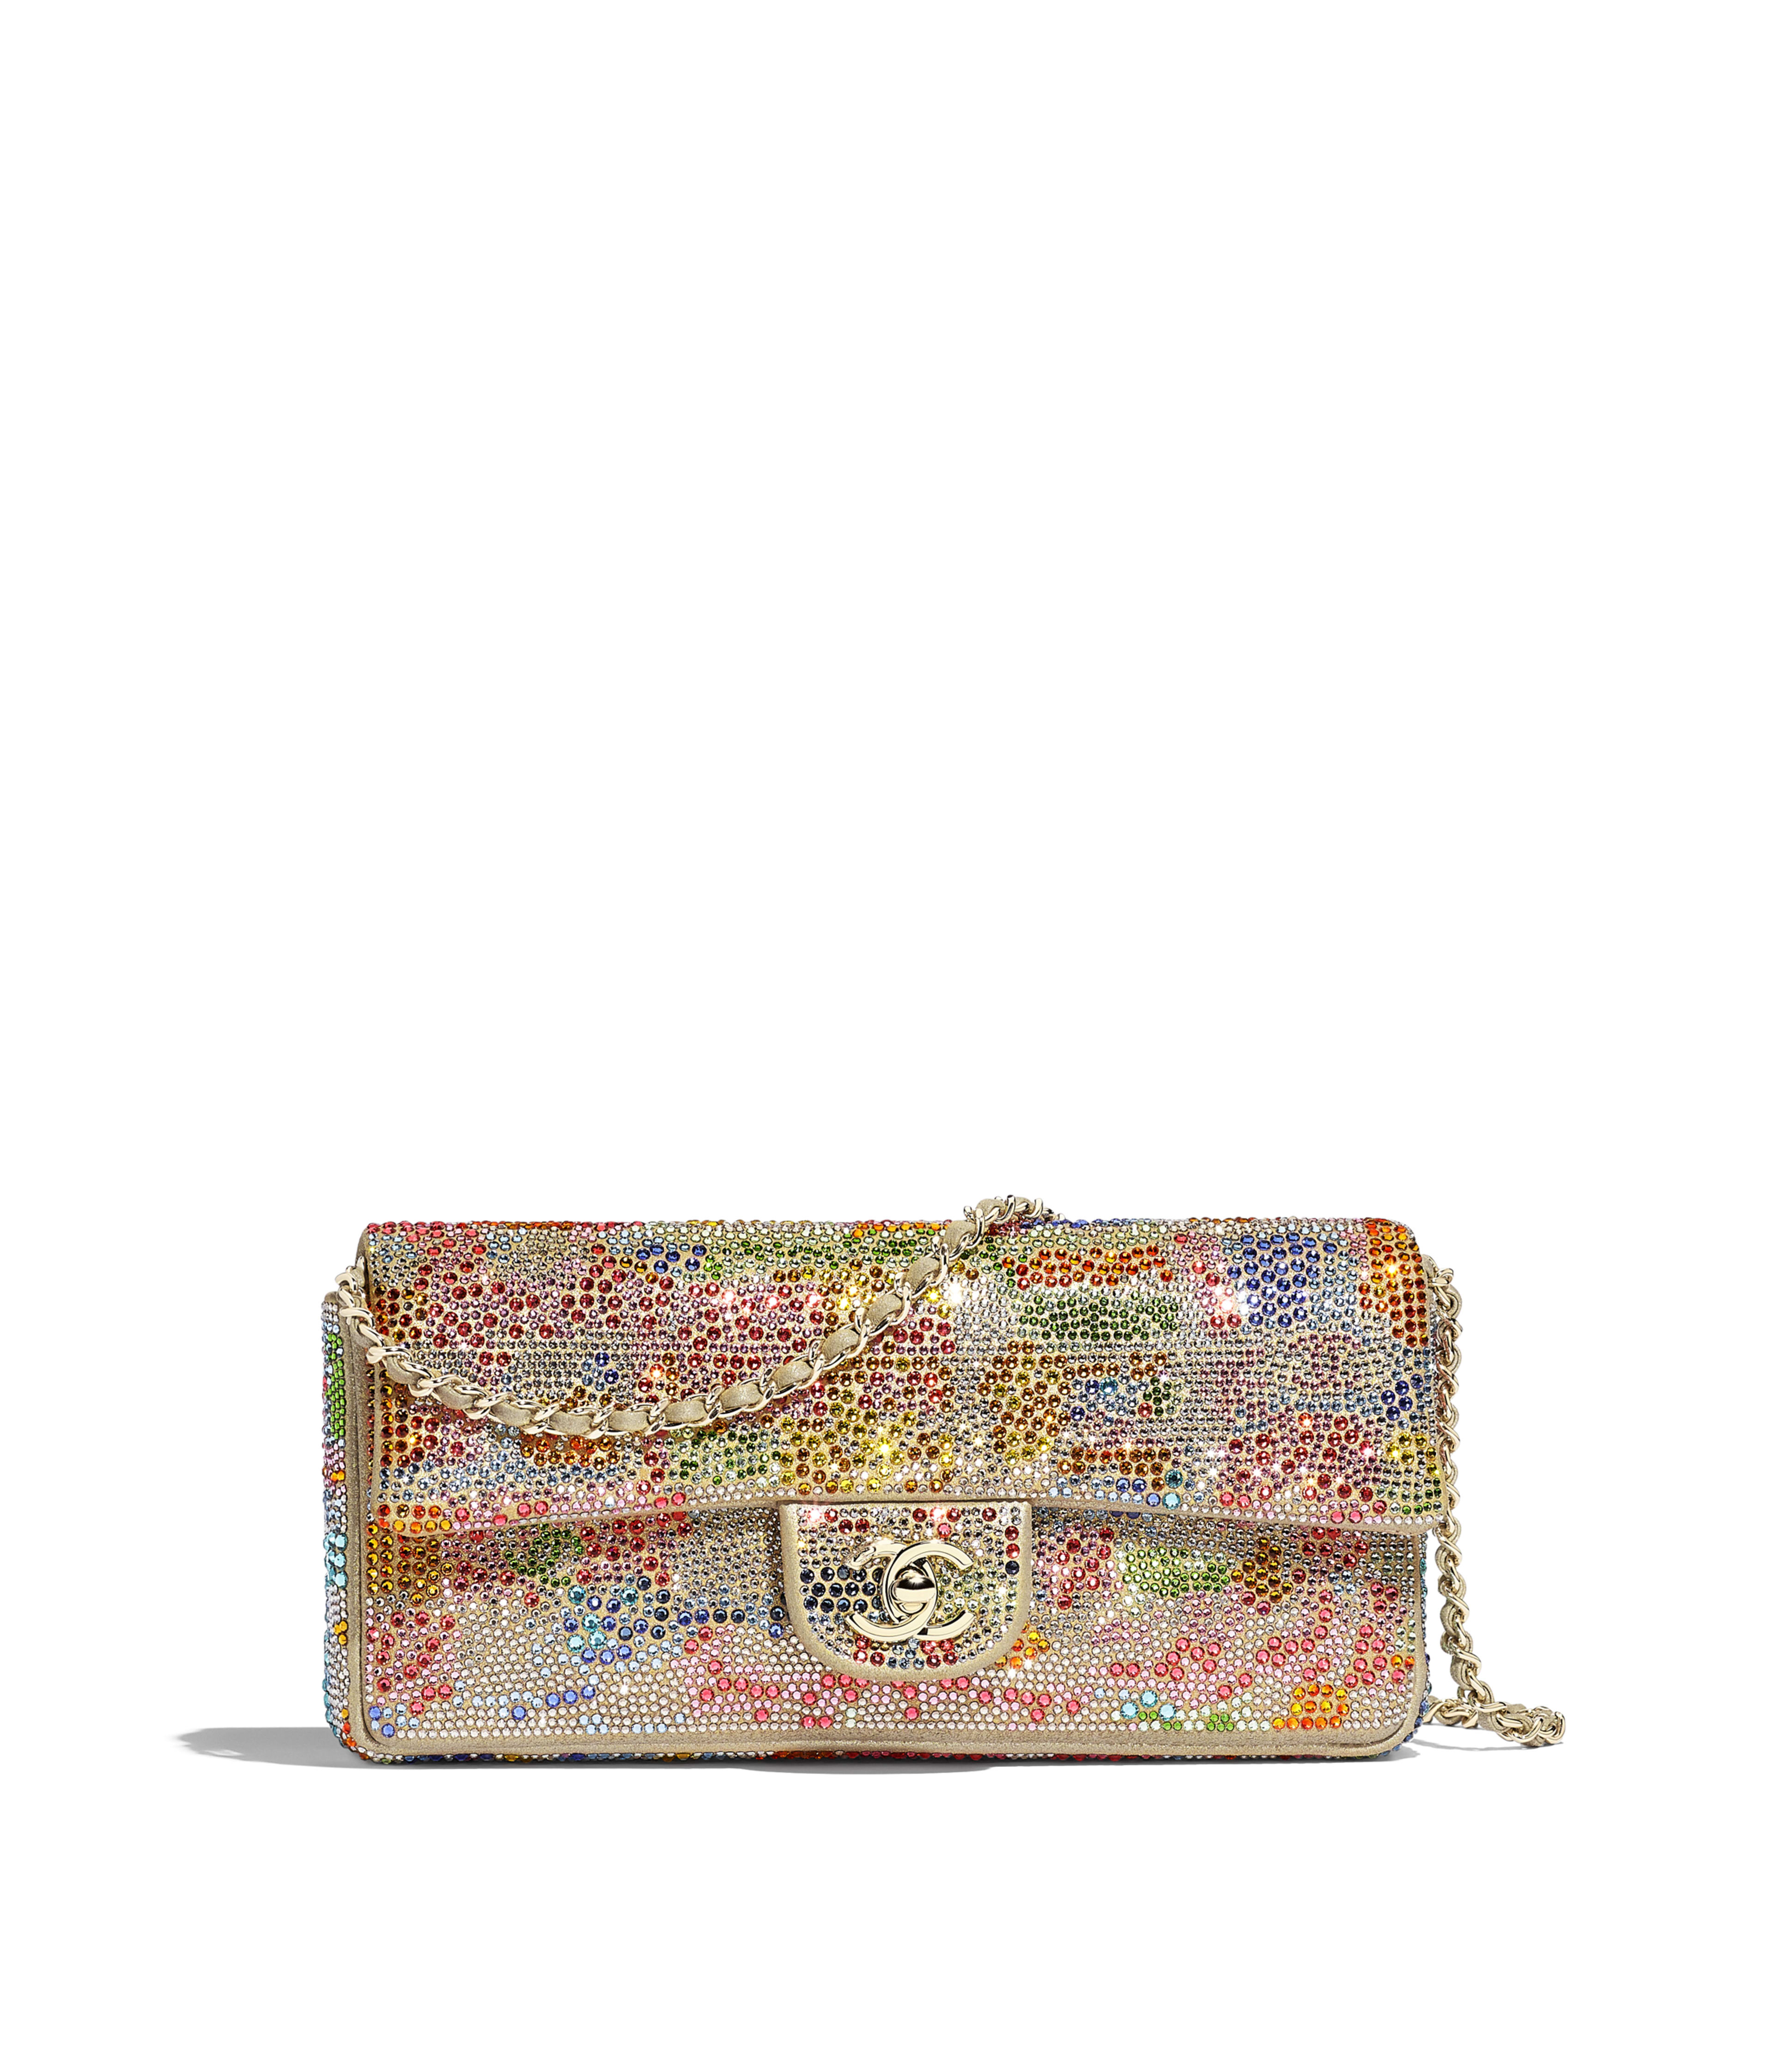 9635bfa3c3b0 Flap Bags - Handbags